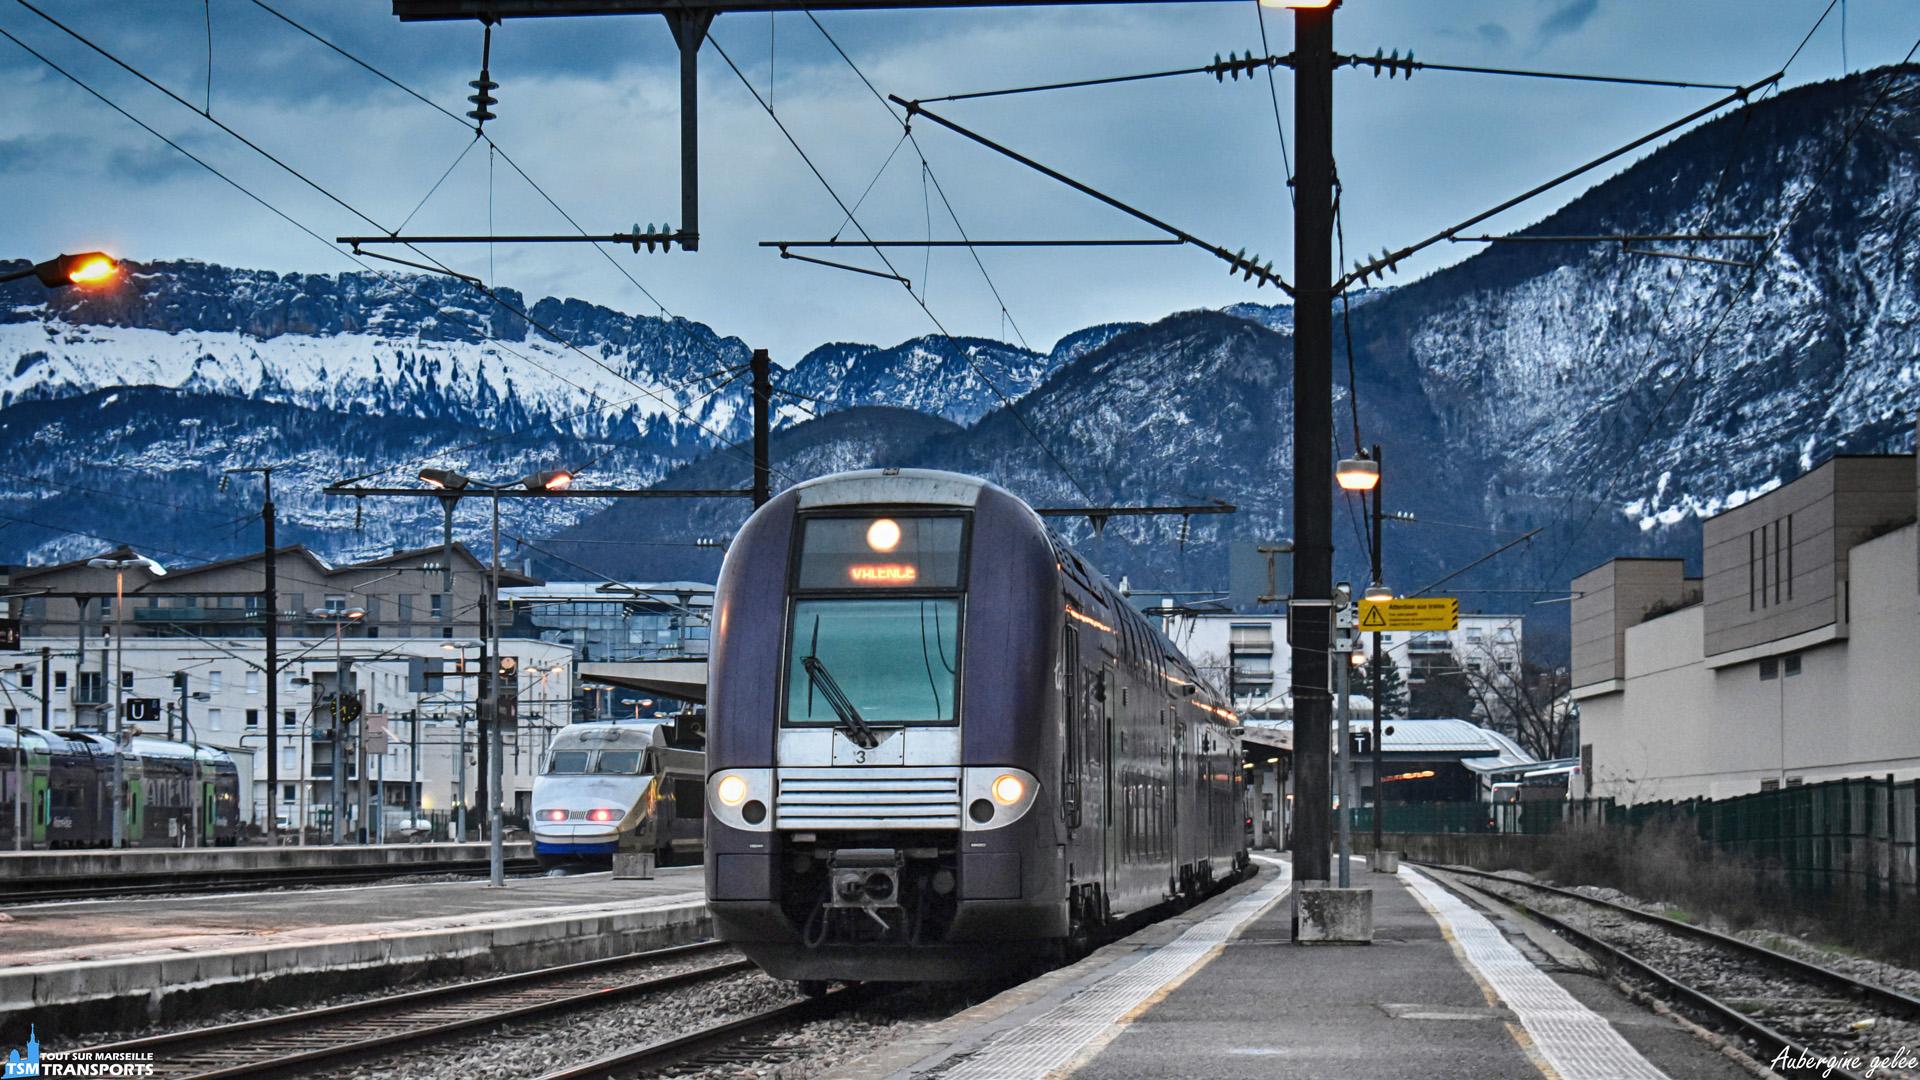 """En février dernier petit passage un weekend dans la Venise des Alpes, revêtue d'une couche de neige à certains endroits, c'est à la gare que je trouve forcément mon bonheur. . C'est en fin de journée qu'une rame TER 2N NG est aperçue en train de sortir de la gare d'Annecy pour effectuer un TER en direction de Valence dans un temps à ne pas mettre un marseillais dehors 😂. . ℹ️ Alstom Z24500 (Z24513/14 rame n°307) SNCF livrée """"Rhône Alpes Aubergine"""". . 📍 Gare d'Annecy, Place de la Gare, 74000 Annecy. . ↔️ Annecy - Valence. . 📸 Nikon D5600. . 📷 Nikkor 18-55mm. . 📅 9 Février 2019 à 17:39."""